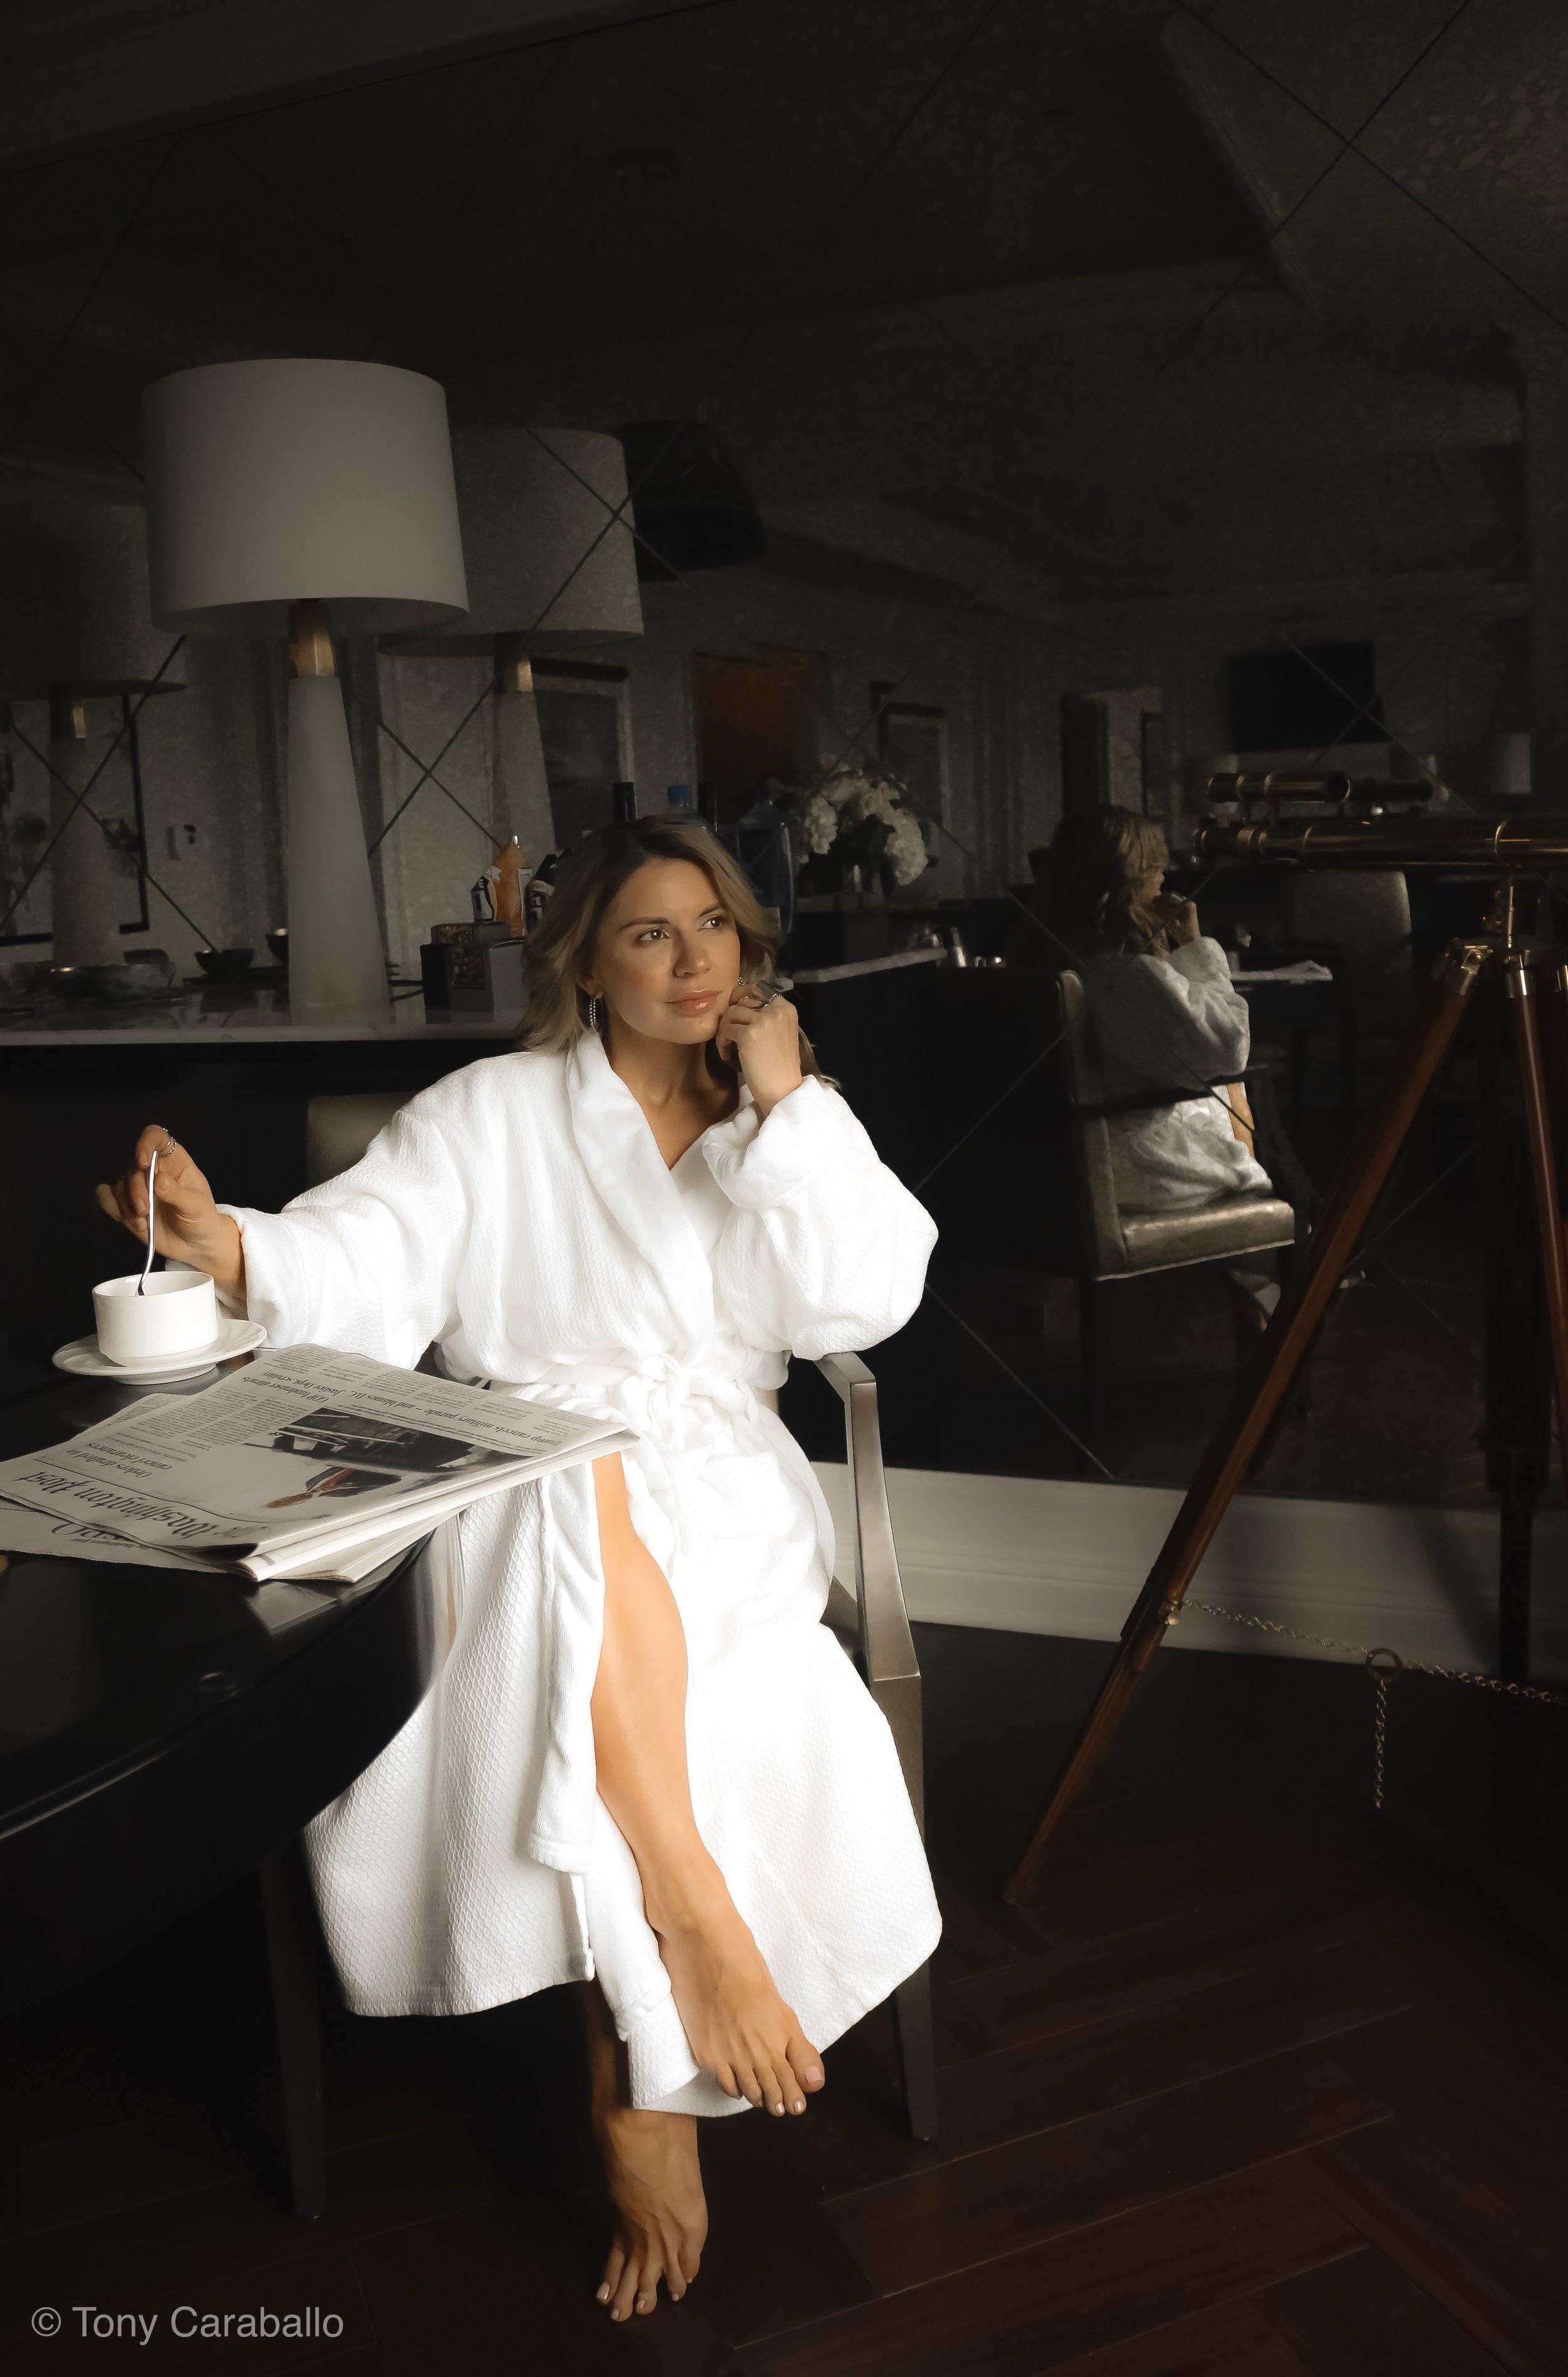 Ritz Carlton Presidential Suite isabel Alexander enjoying morning coffee